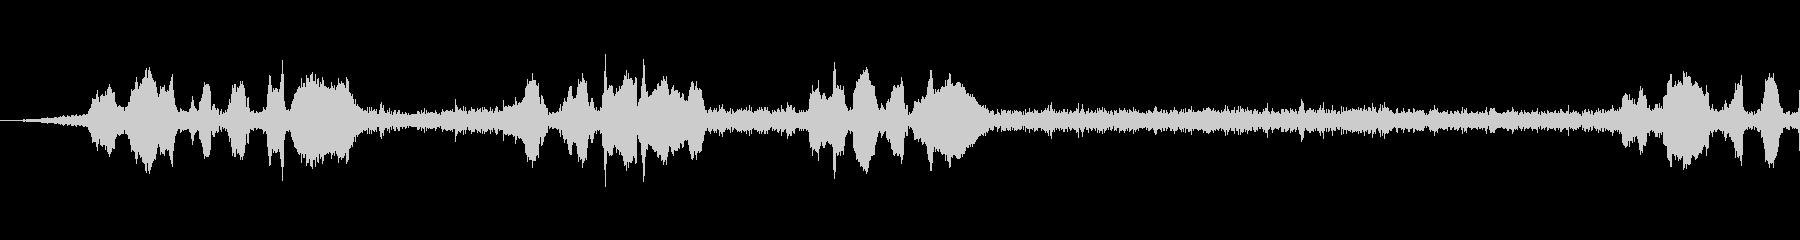 メロネロ0-14の未再生の波形